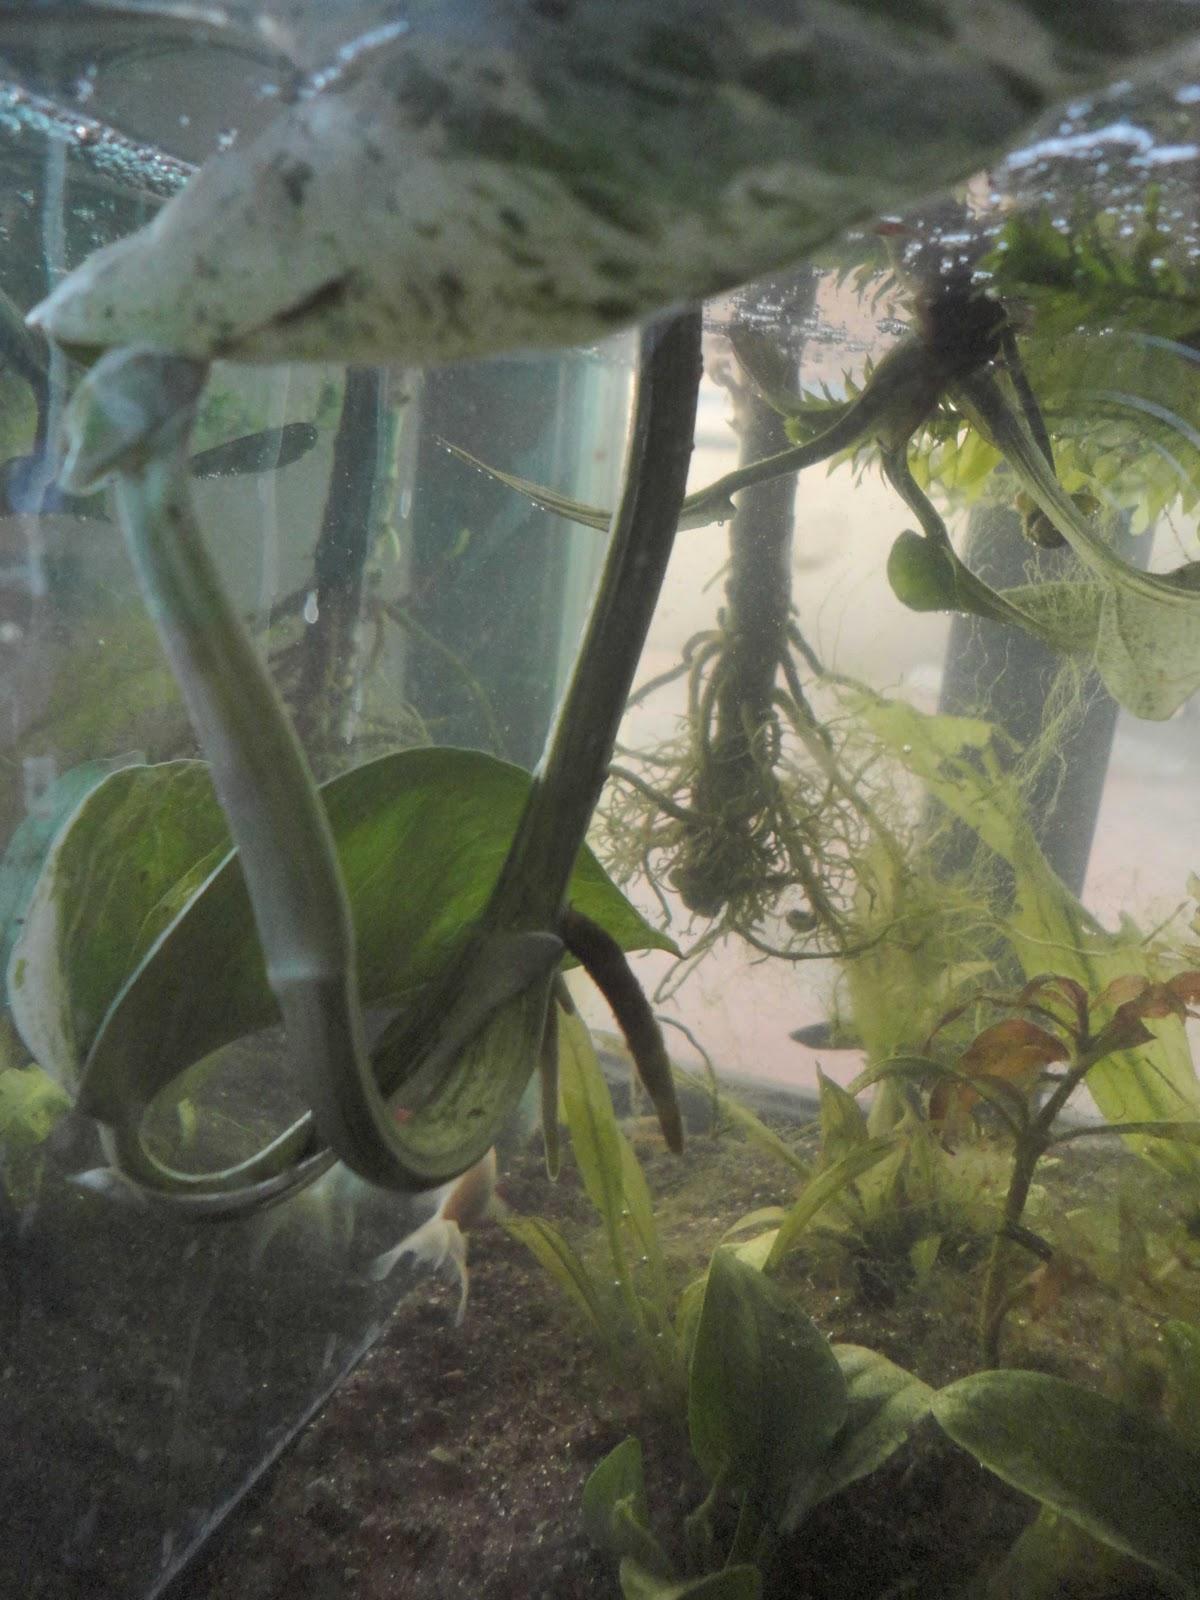 Acuario sustentable Acuaponia en acuarios